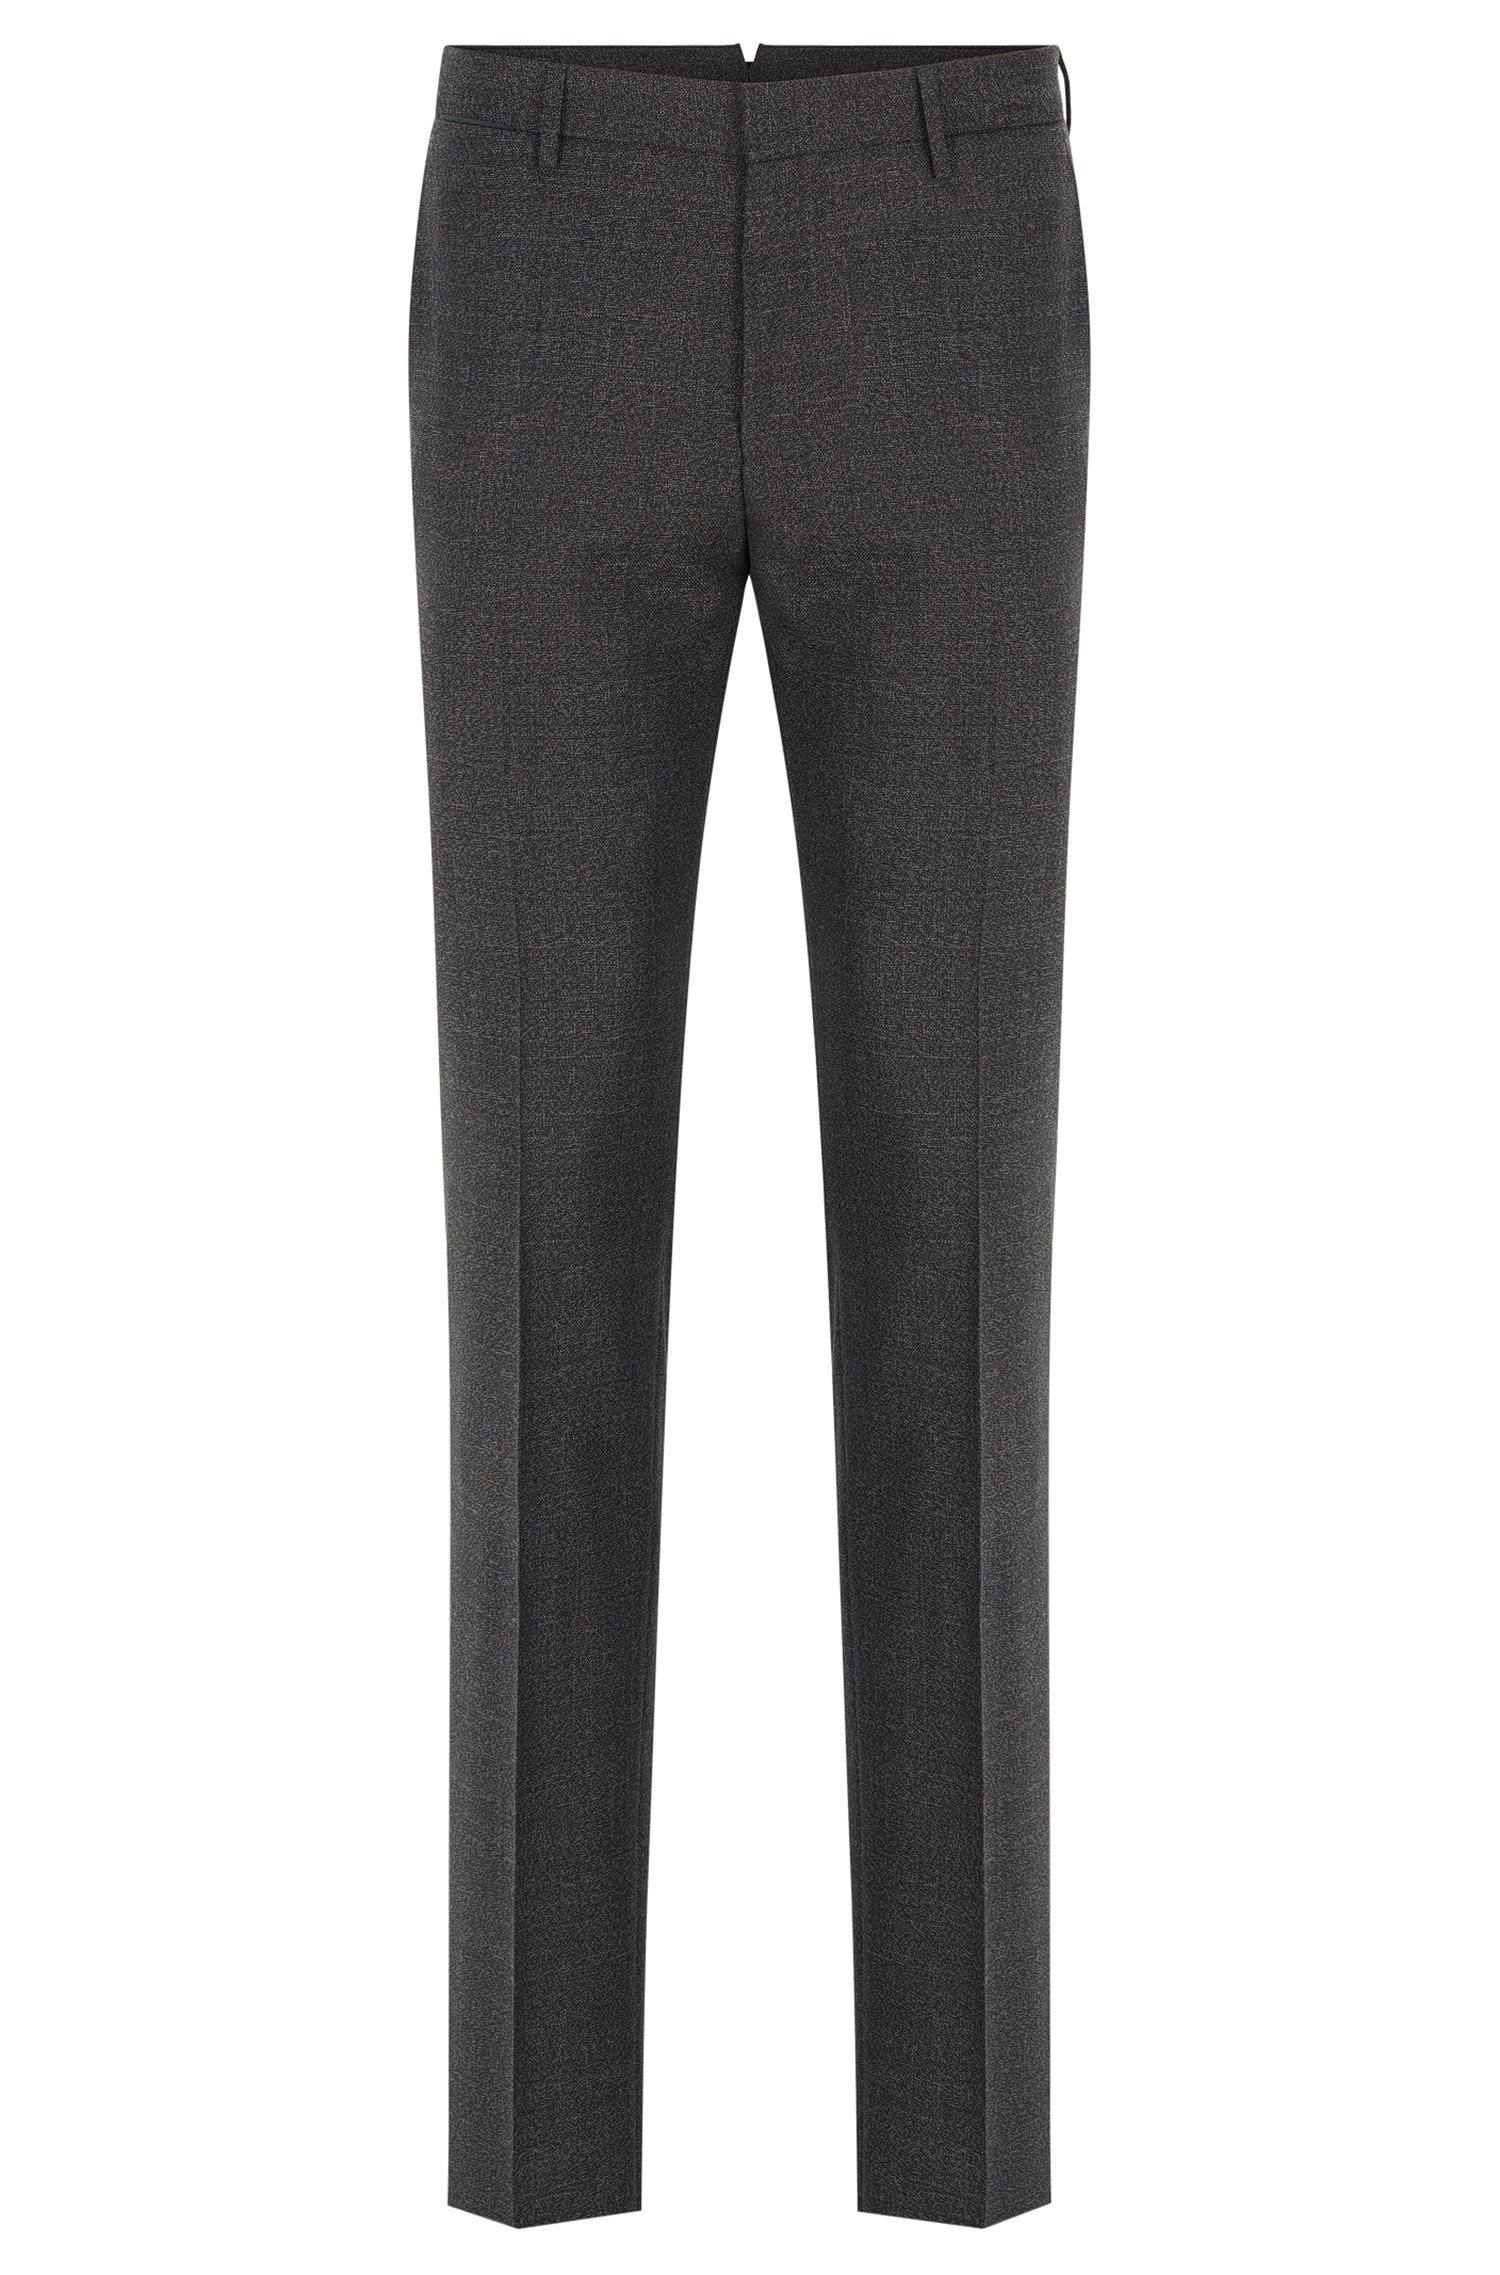 Pantalon Slim Fit en laine vierge moulinée.